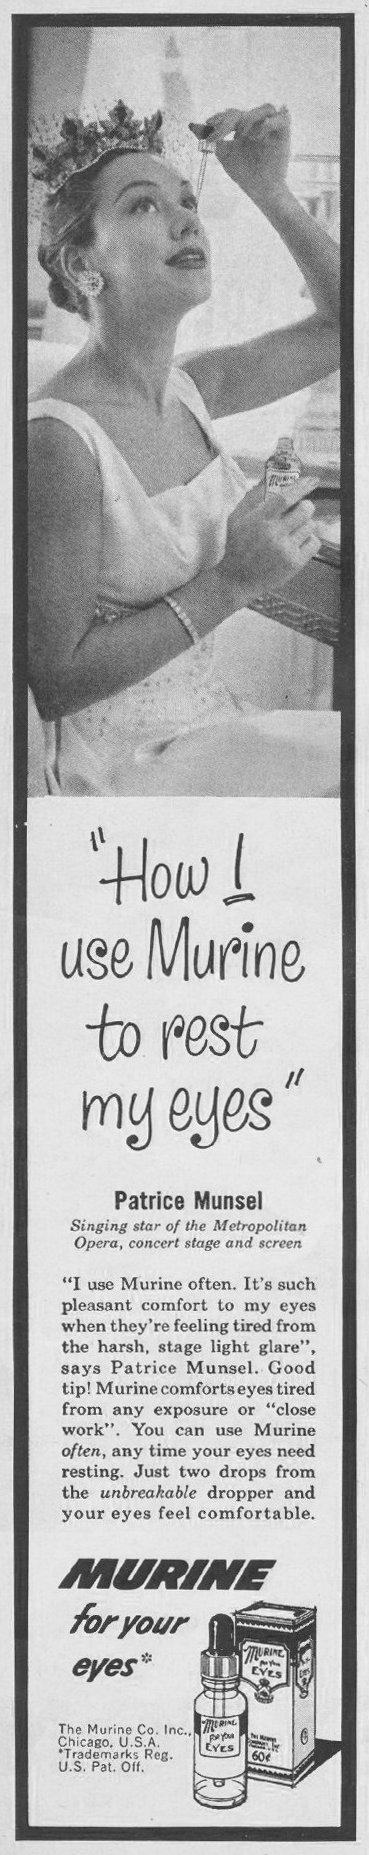 MURINE LOOK 10/29/1957 p. 134